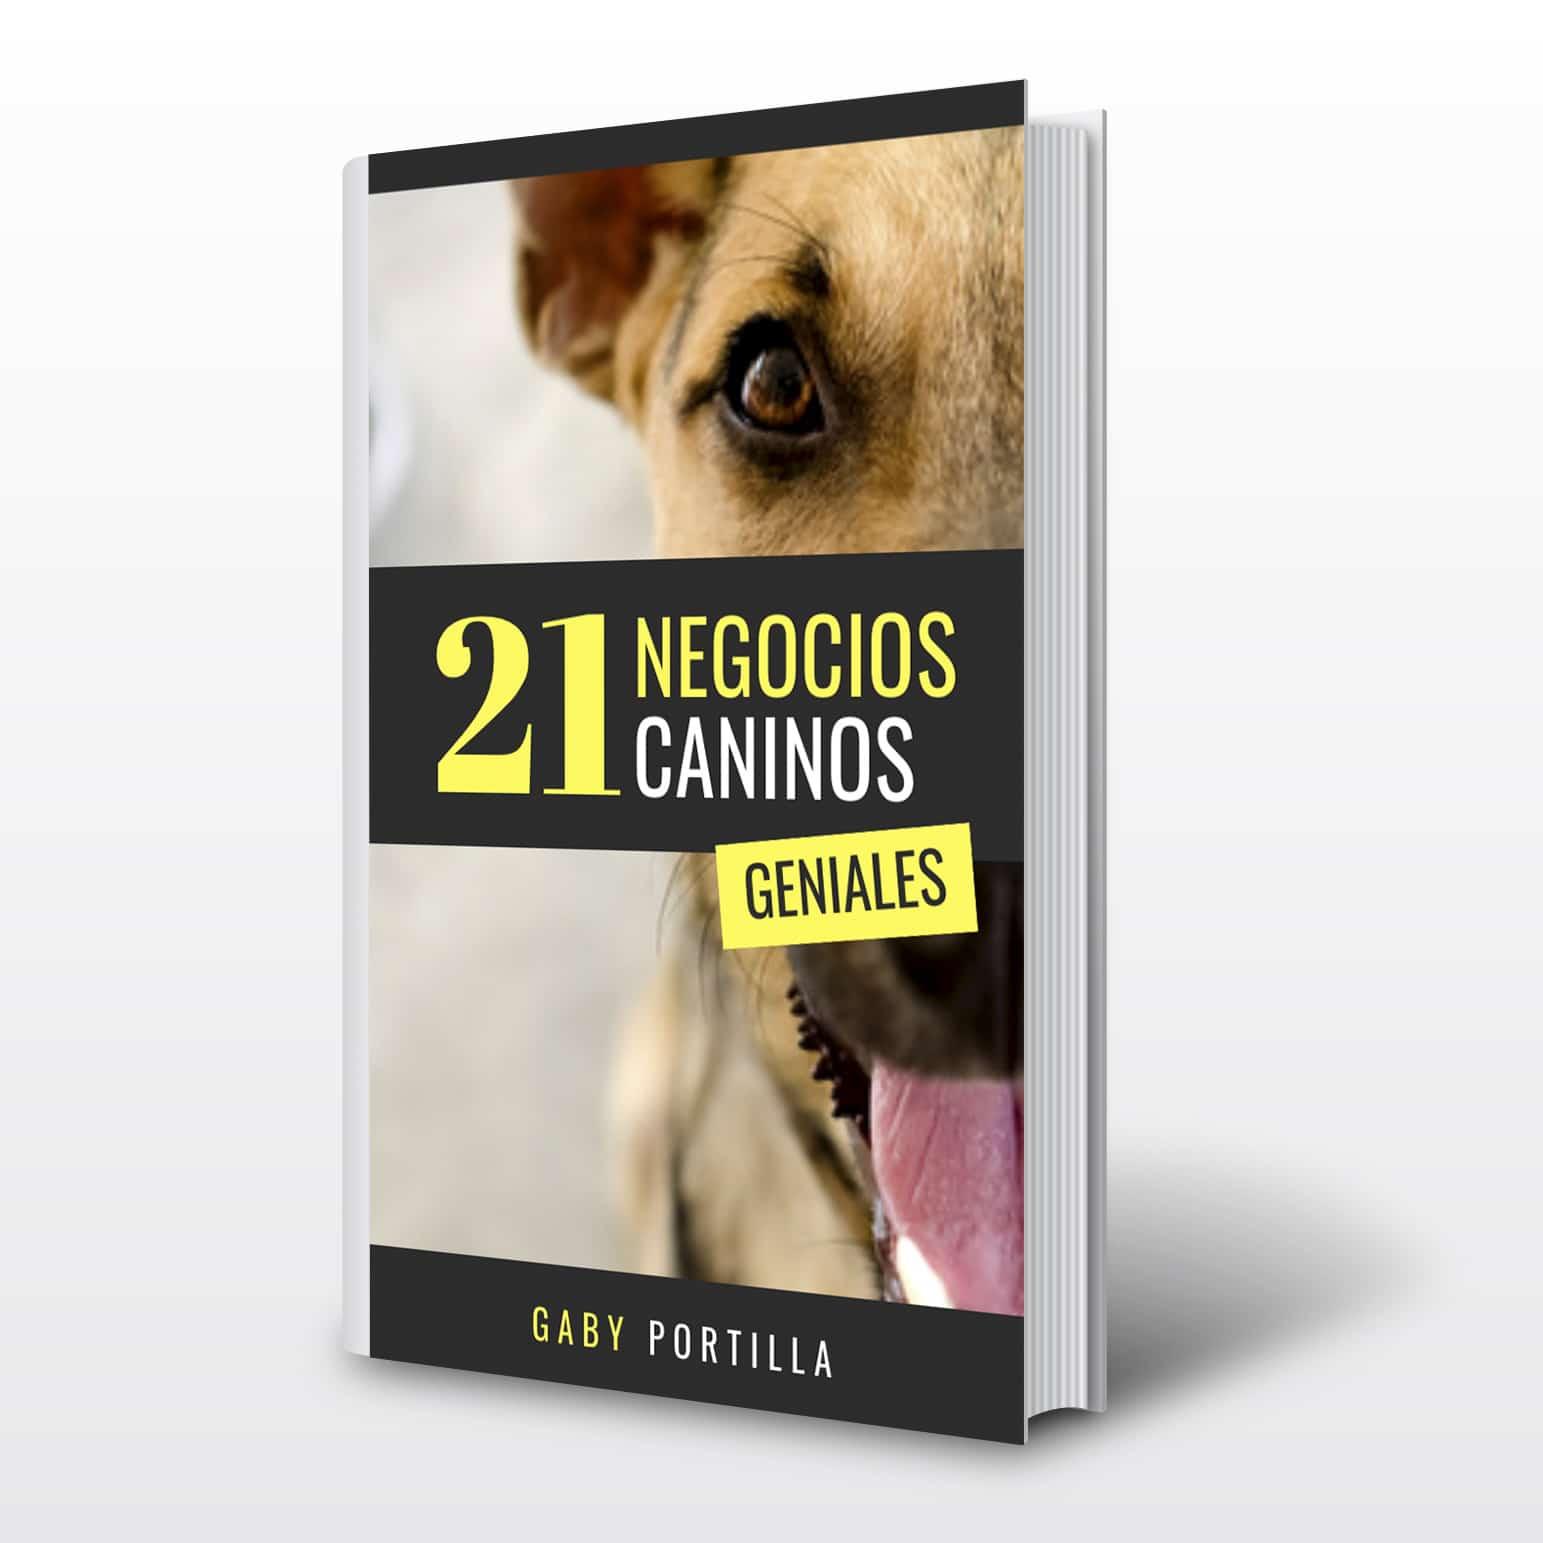 21 Negocios Caninos Geniales